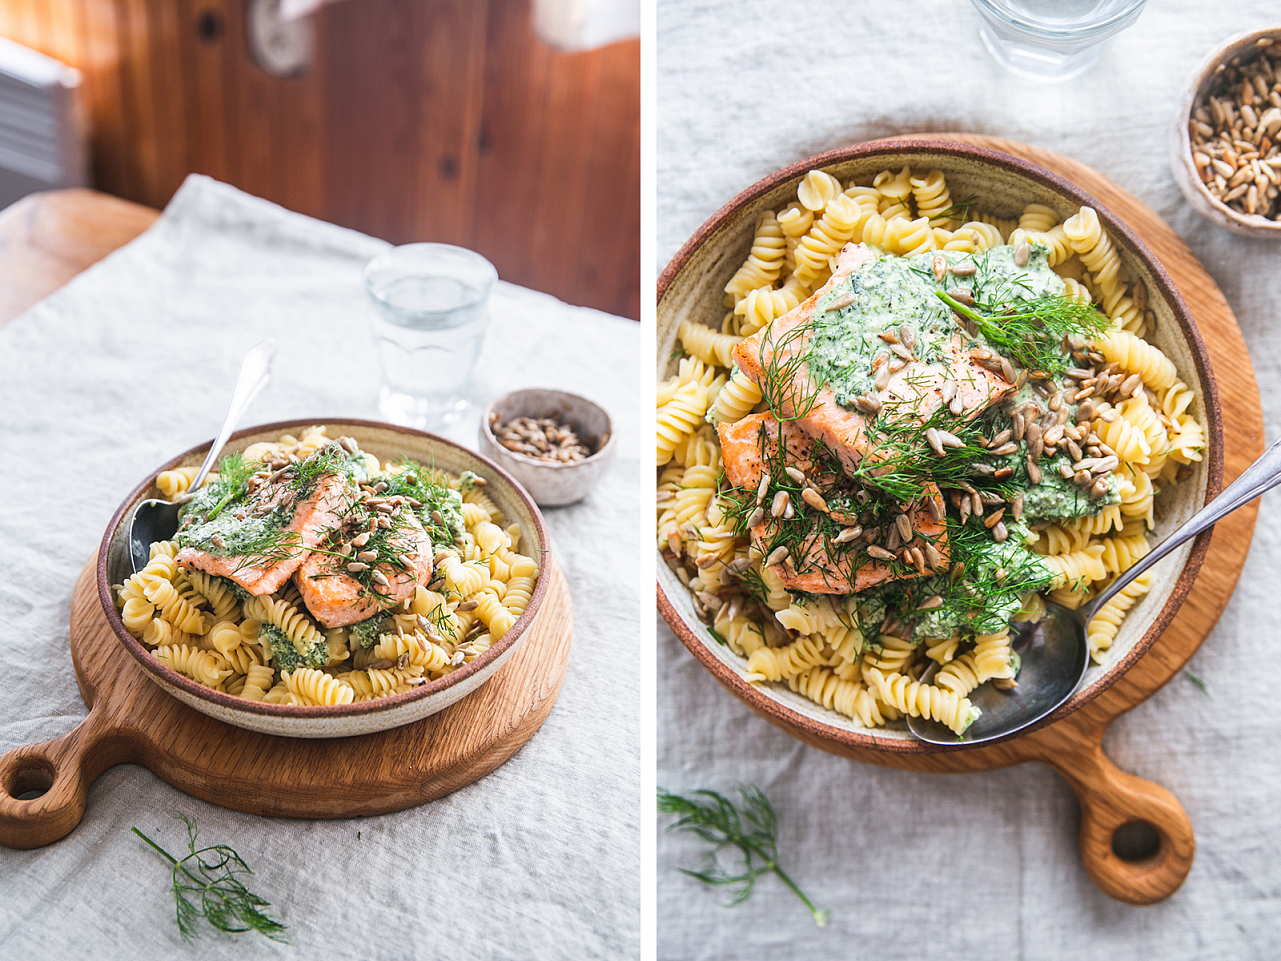 Těstoviny s dipem z fety/balkánského sýru s lososem